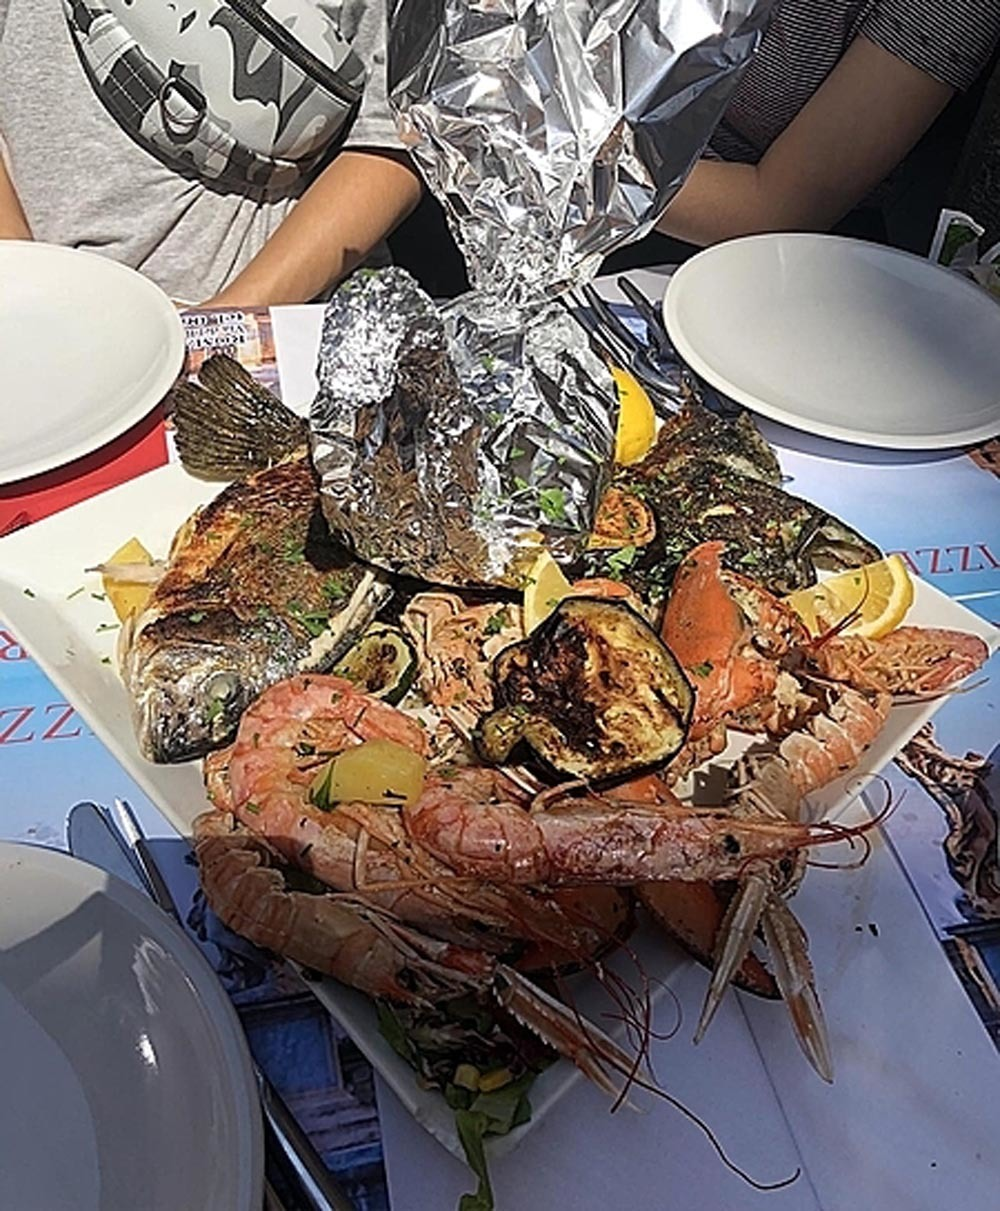 Thử 1 lạng , khách Việt bị nhà hàng ép trả tiền gần 5 kg hải sản